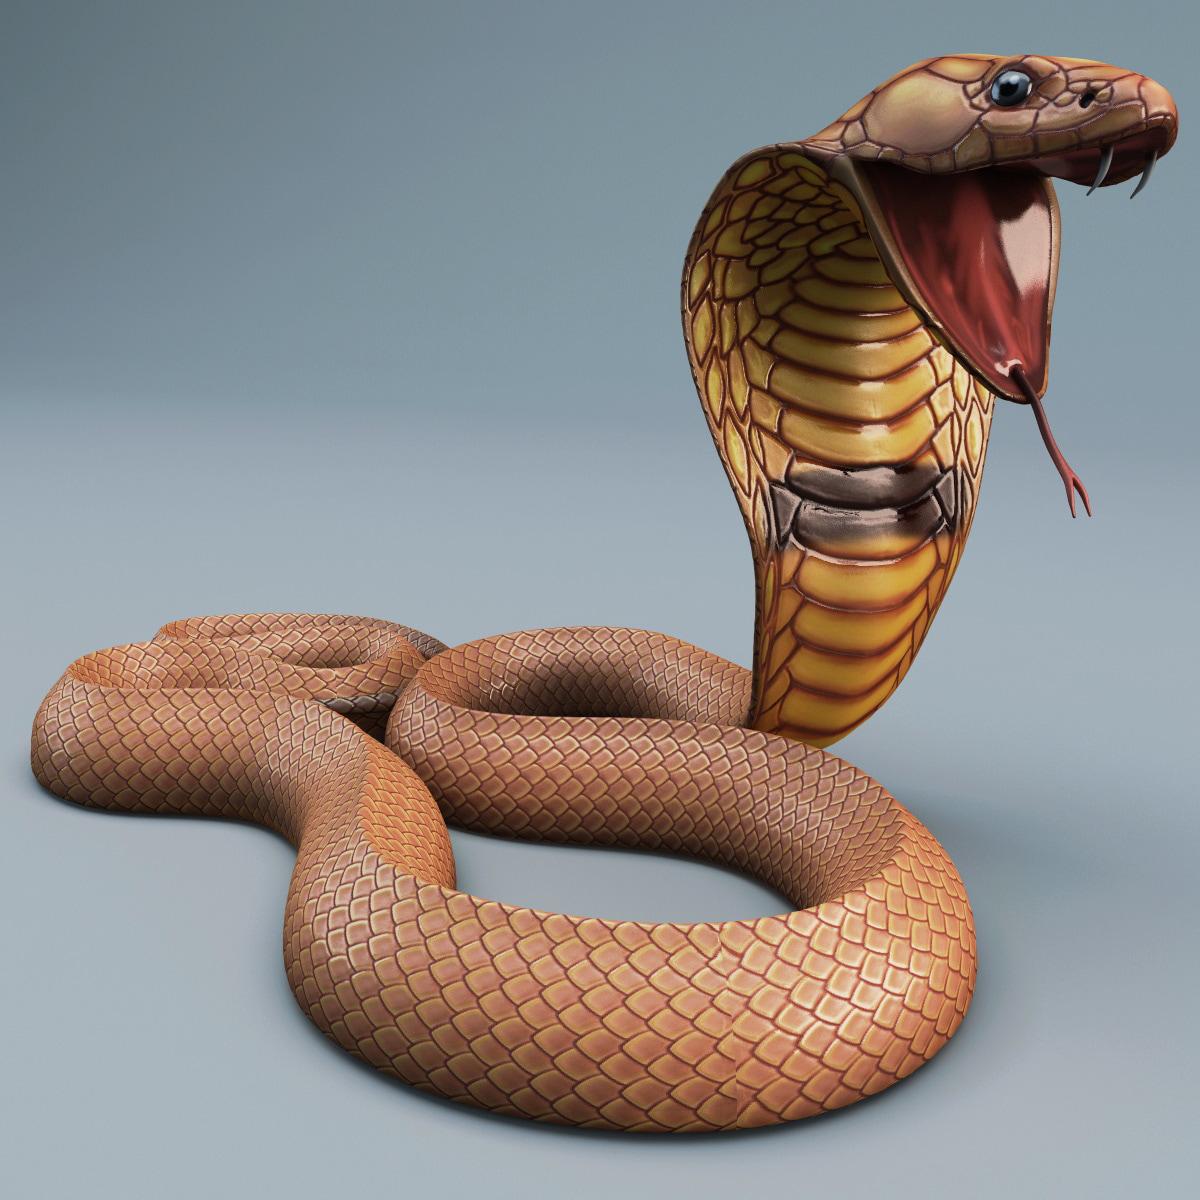 Snake_Cobra_Rigged_001.jpg